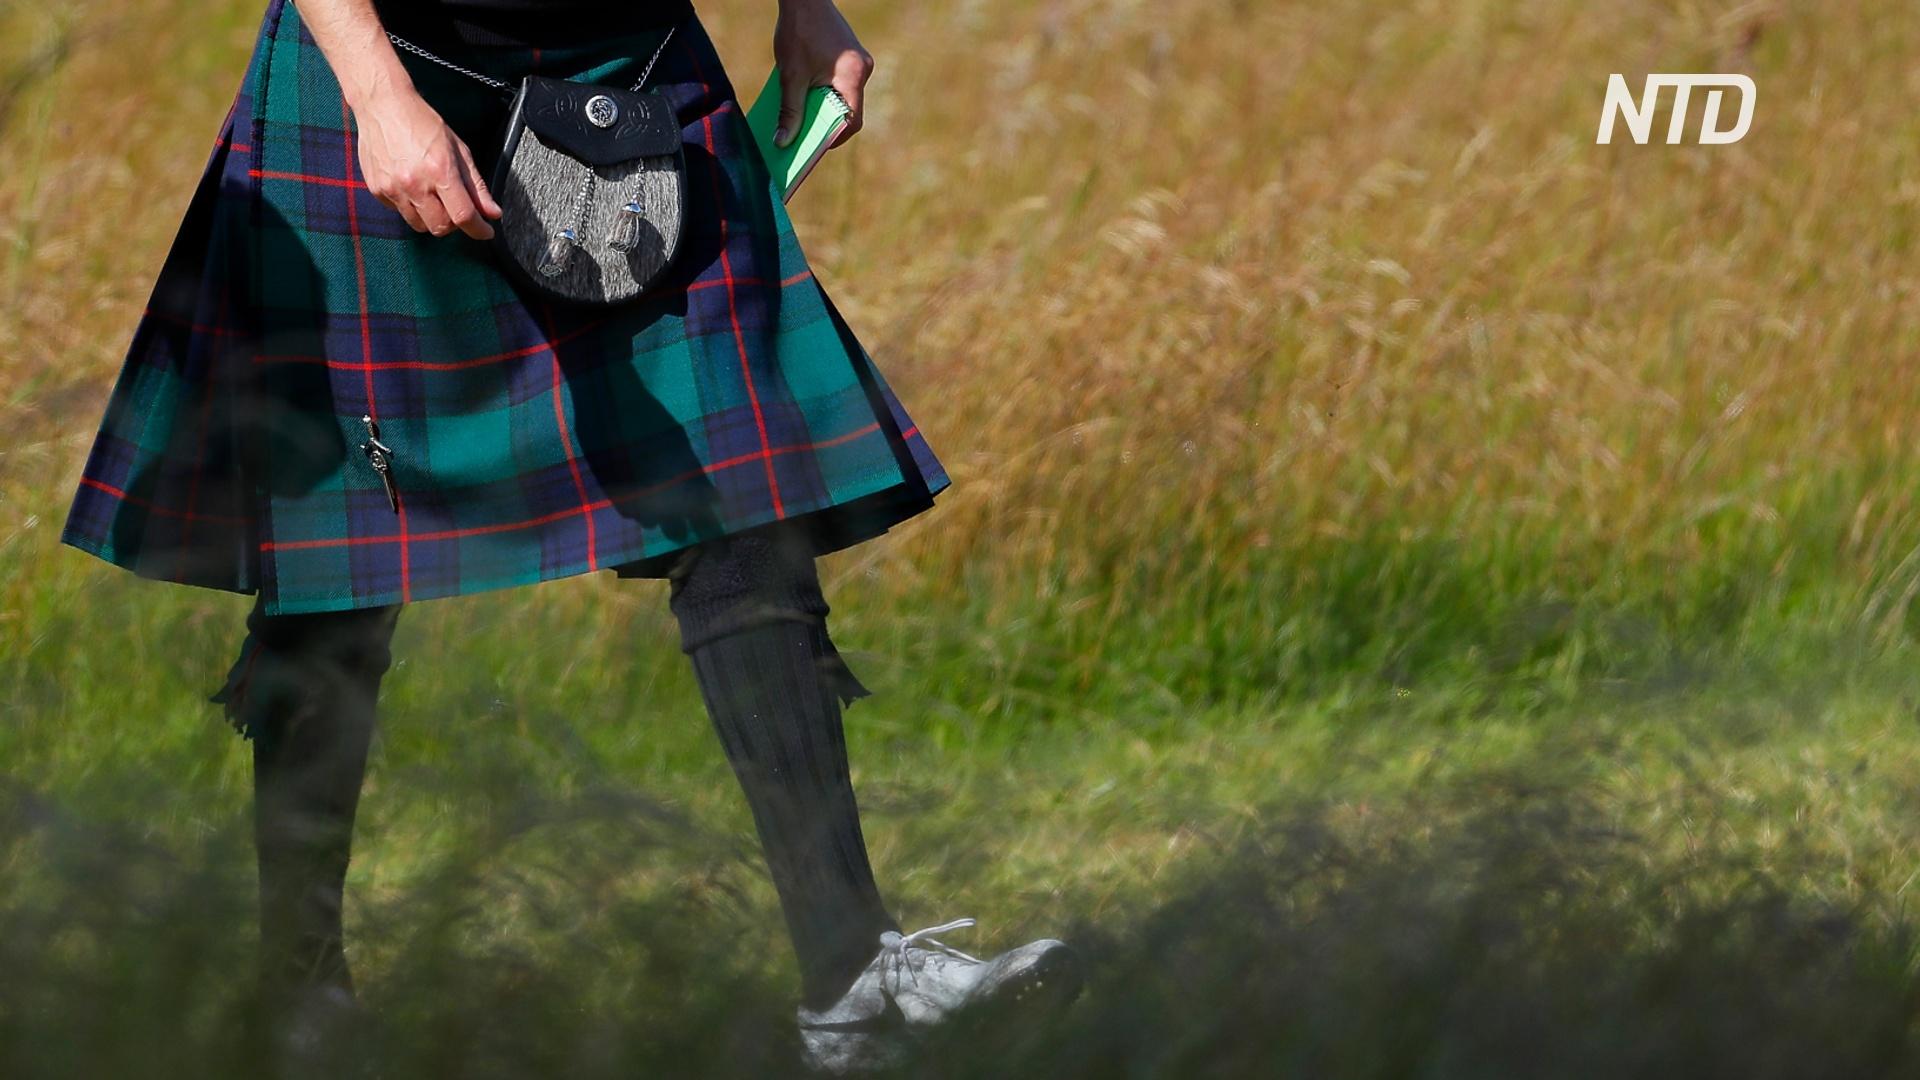 Изготовление спорранов и ткачество из конского волоса оказались под угрозой вымирания в Великобритании